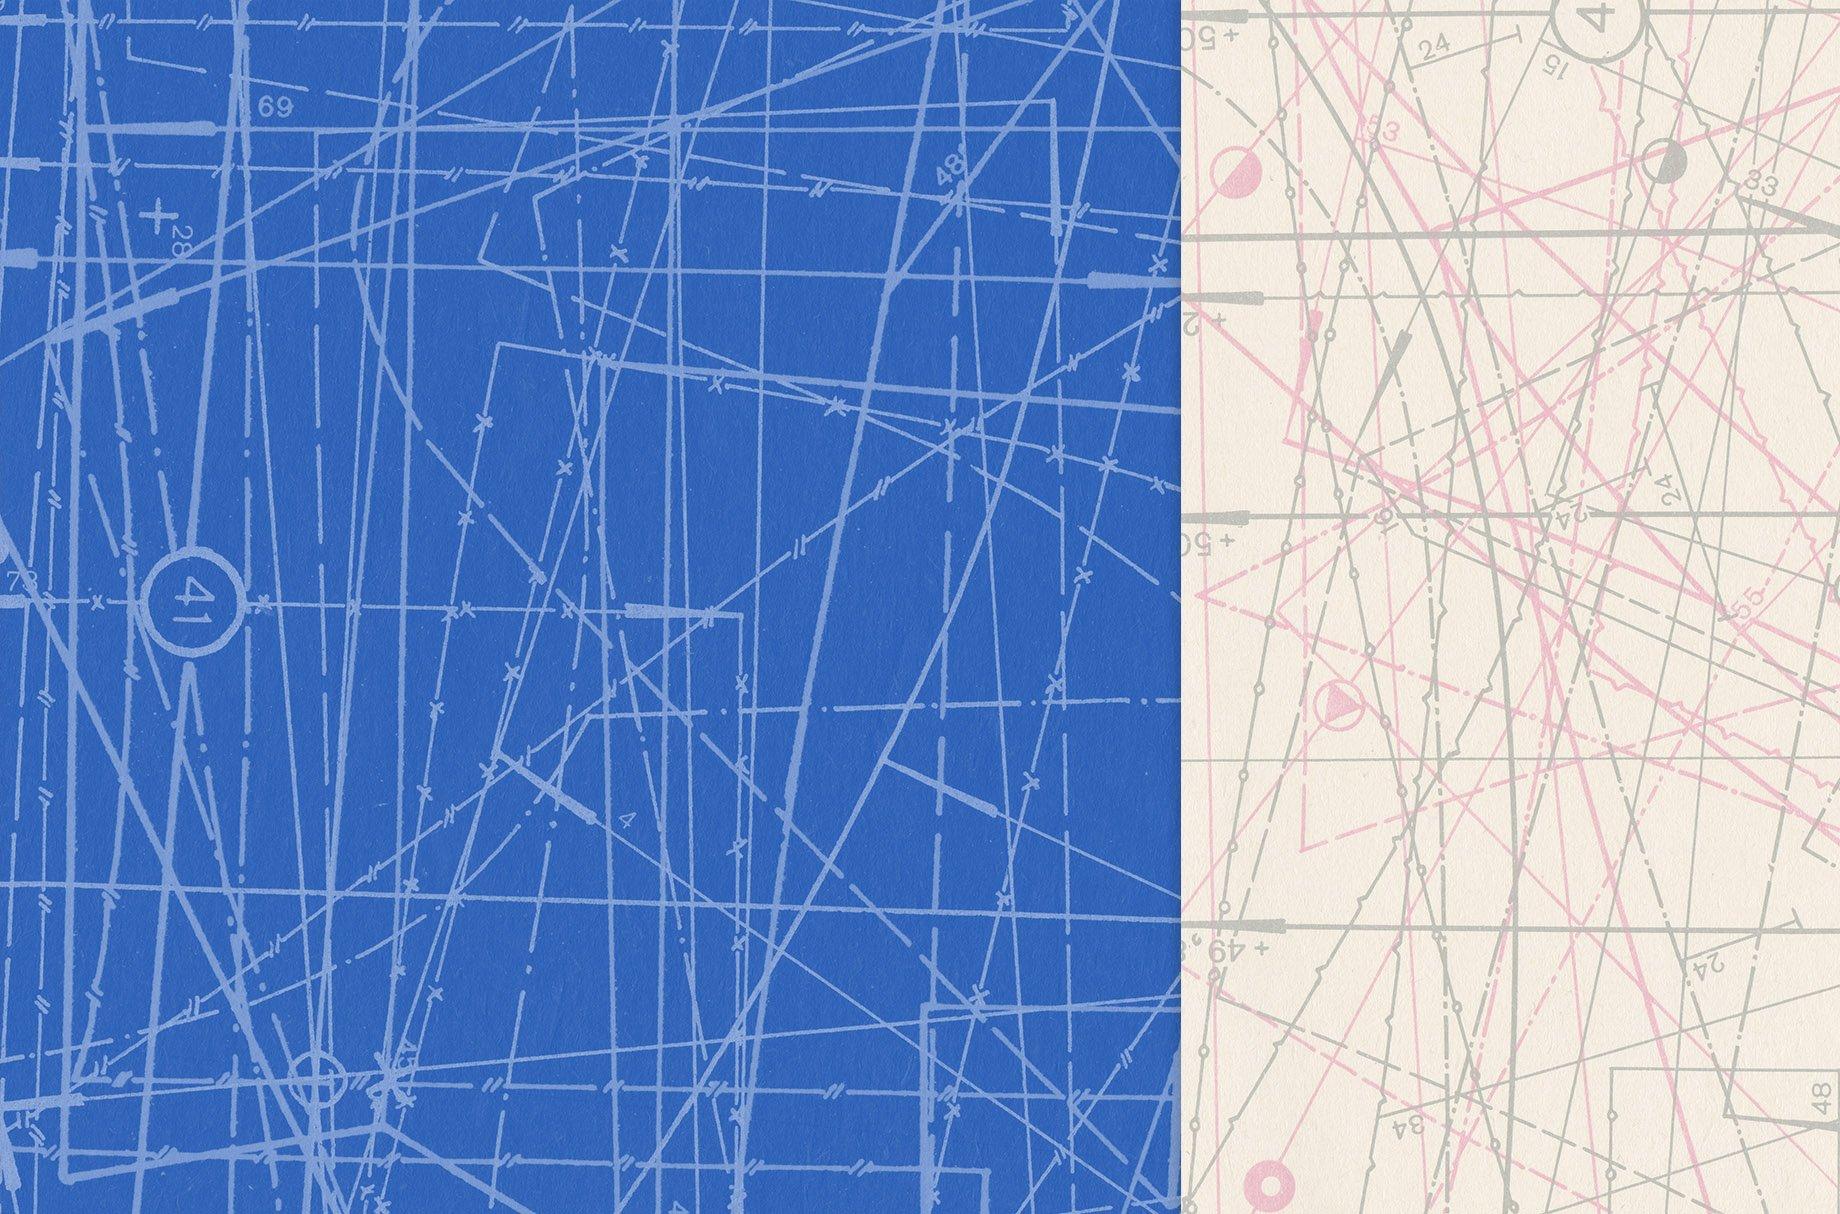 [单独购买] 60款潮流做旧粗糙图纸纹理海报设计背景底纹图片素材 Fabric Blueprint Textures插图3